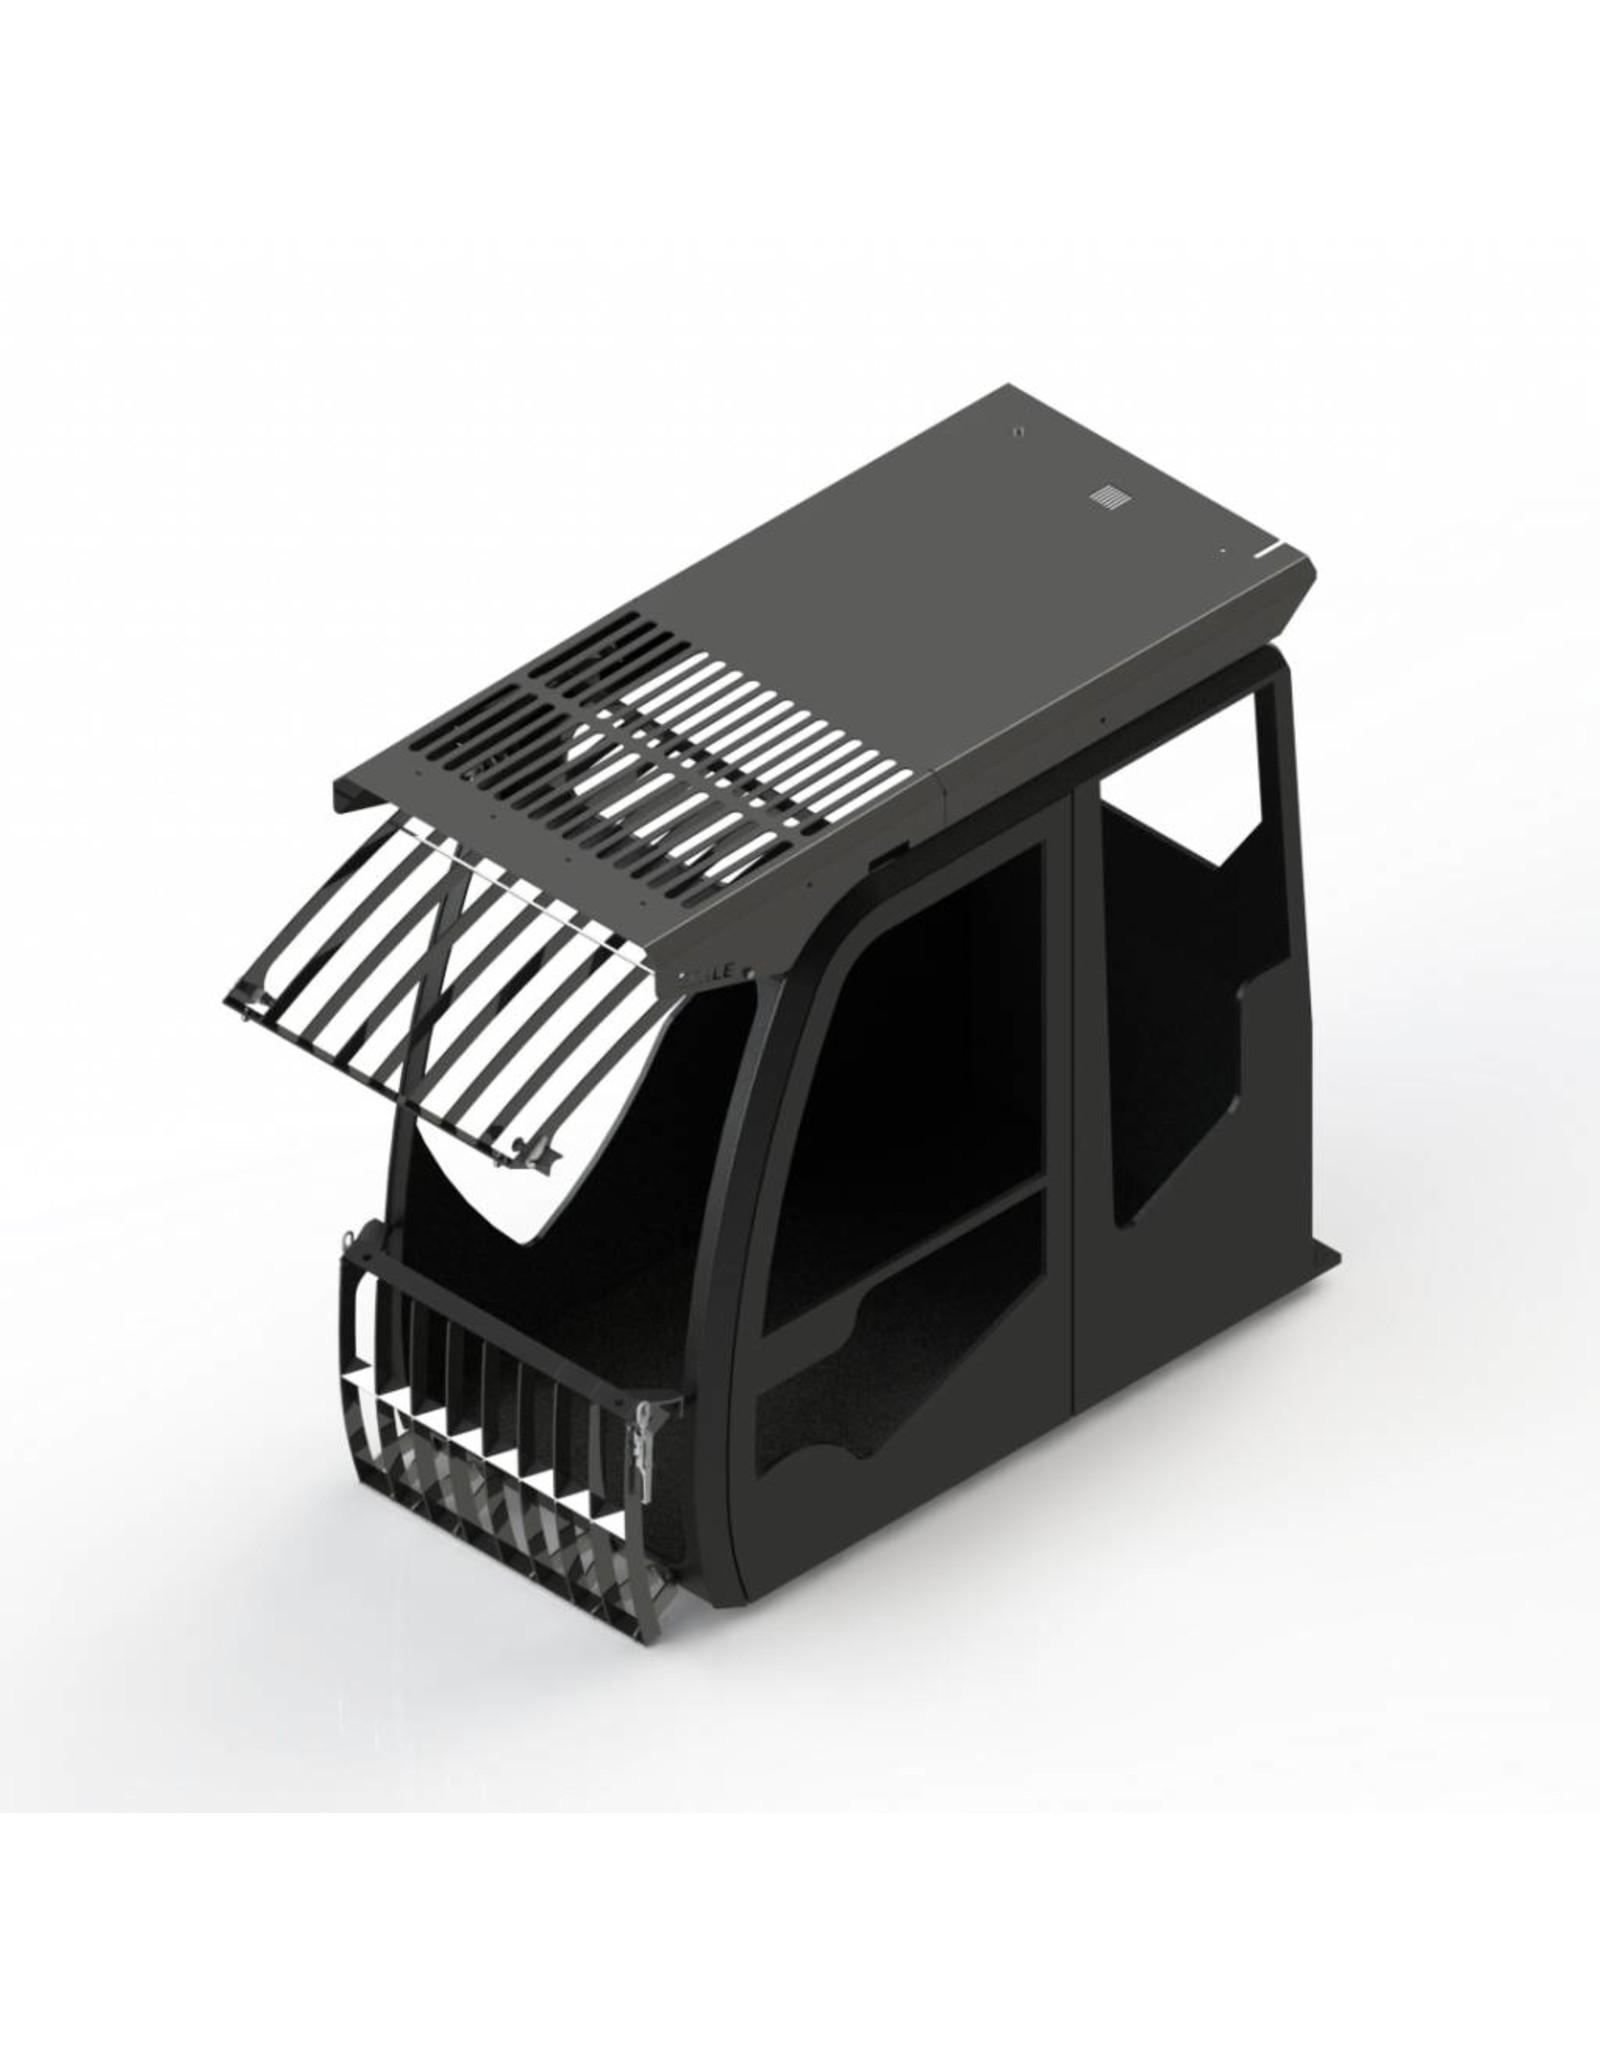 Echle Hartstahl GmbH FOPS pour Doosan DX420LC-5